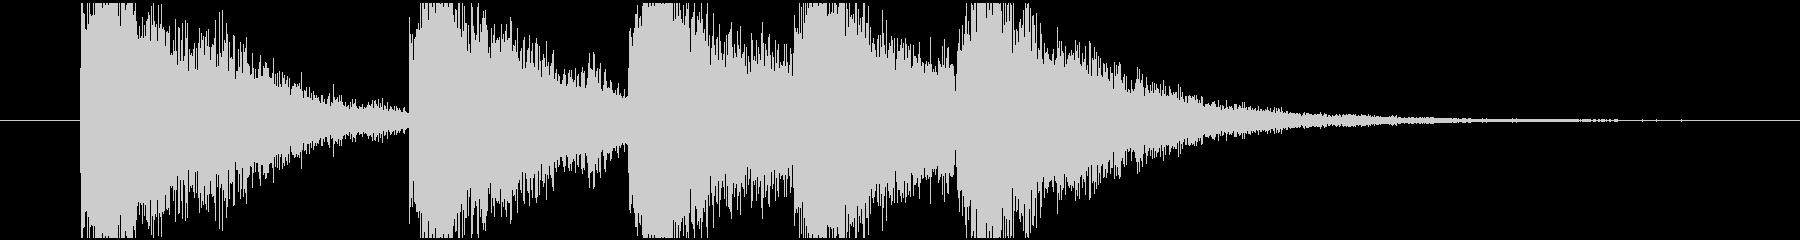 明るいタイトルロゴの未再生の波形